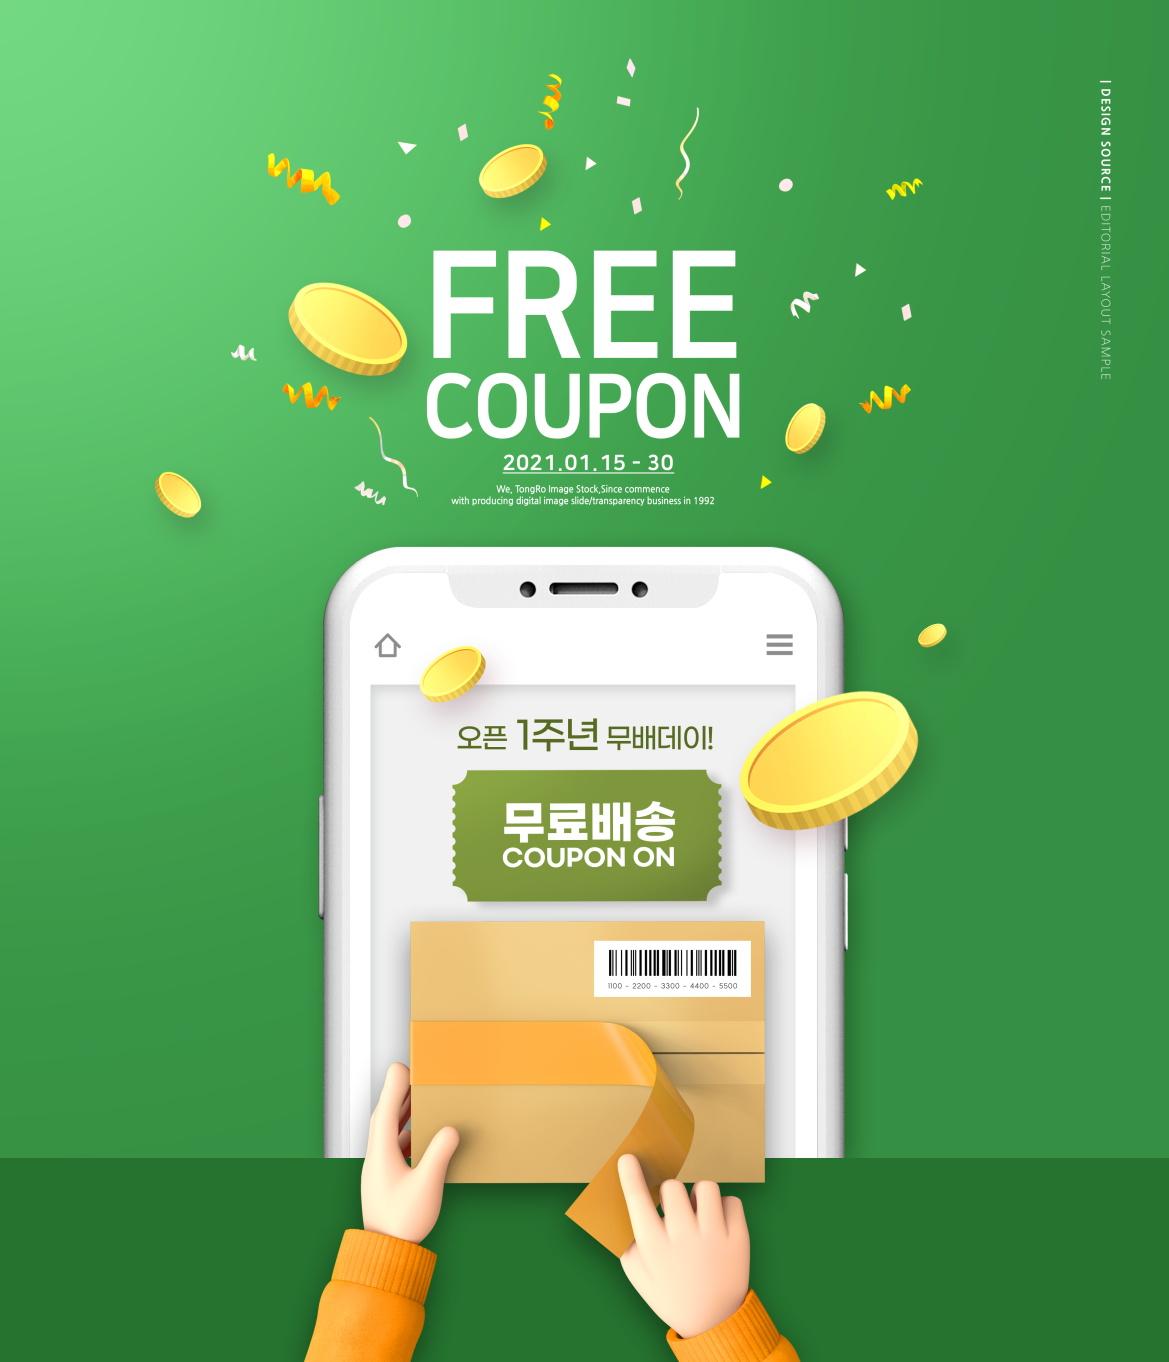 [单独购买] 16款时尚外卖金融手机购物促销海报设计PSD模板素材 Mobile Shopping Promotion Poster插图11